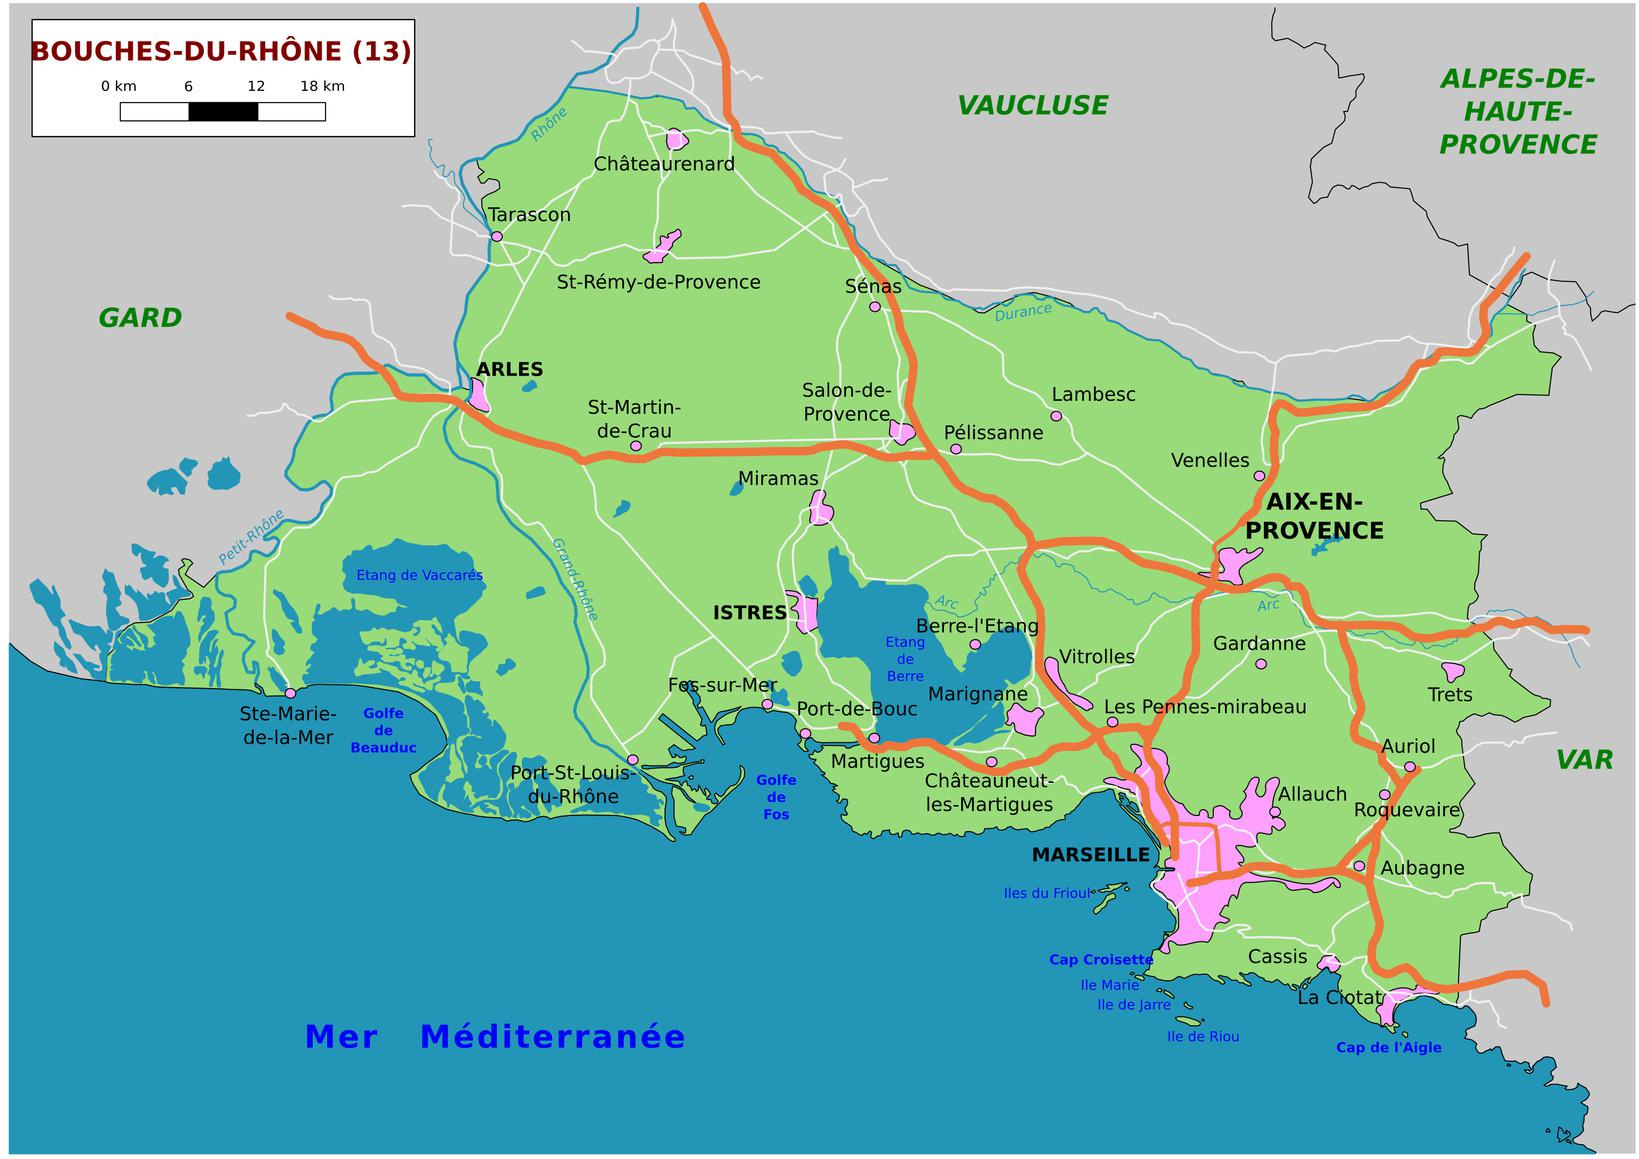 Carte Des Bouches-Du-Rhône - Communes, Détaillée, Relief dedans Carte De La France Avec Ville